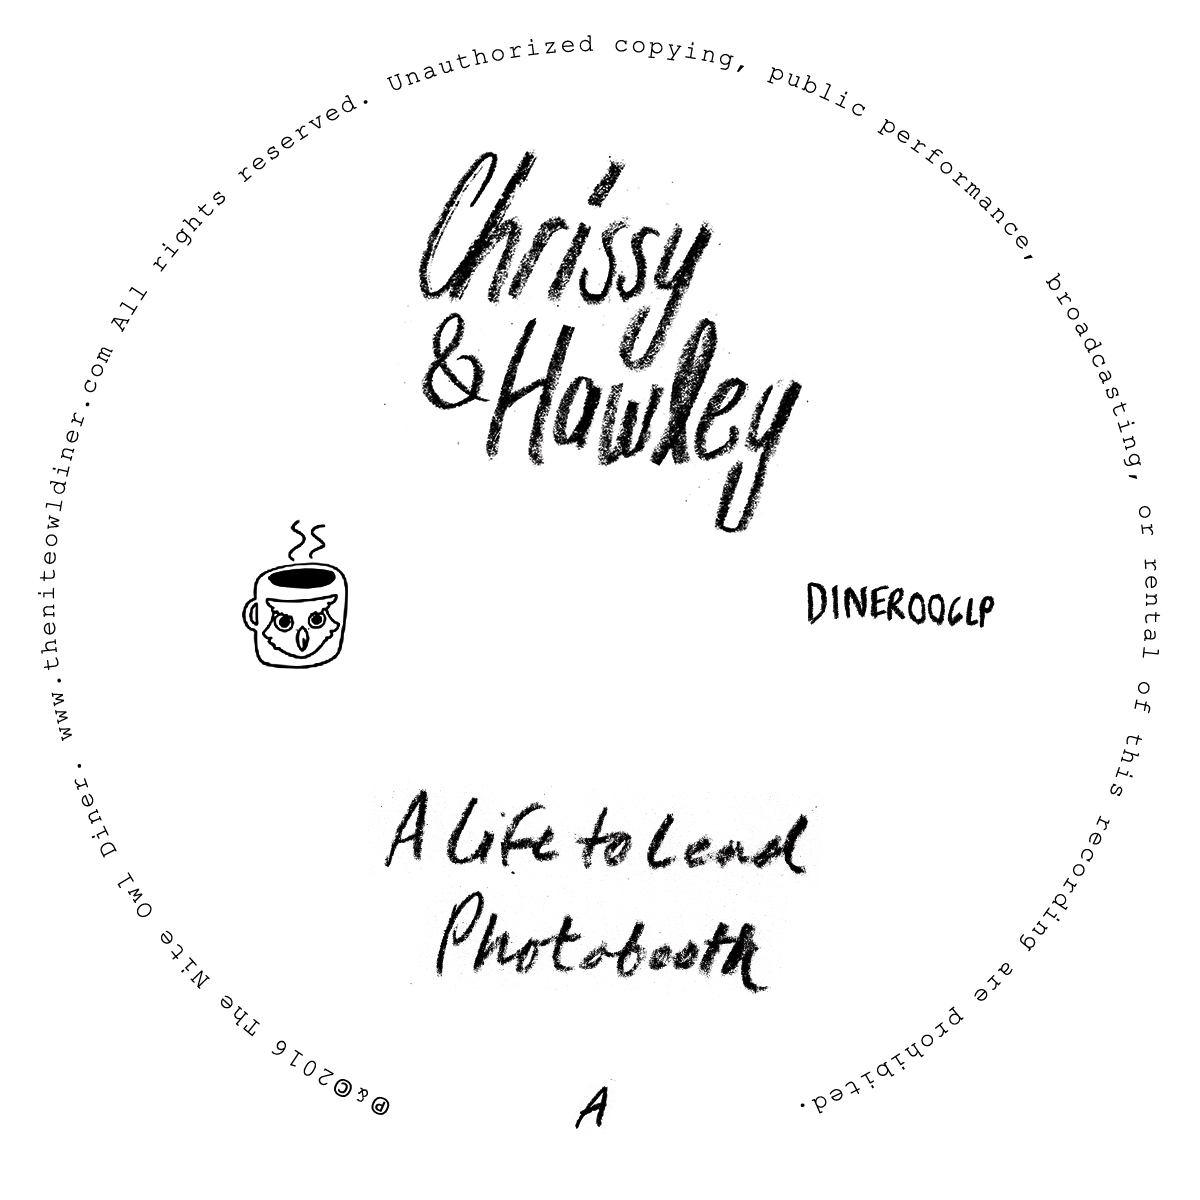 Chrissy & Hawley/CHRISSY & HAWLEY LP